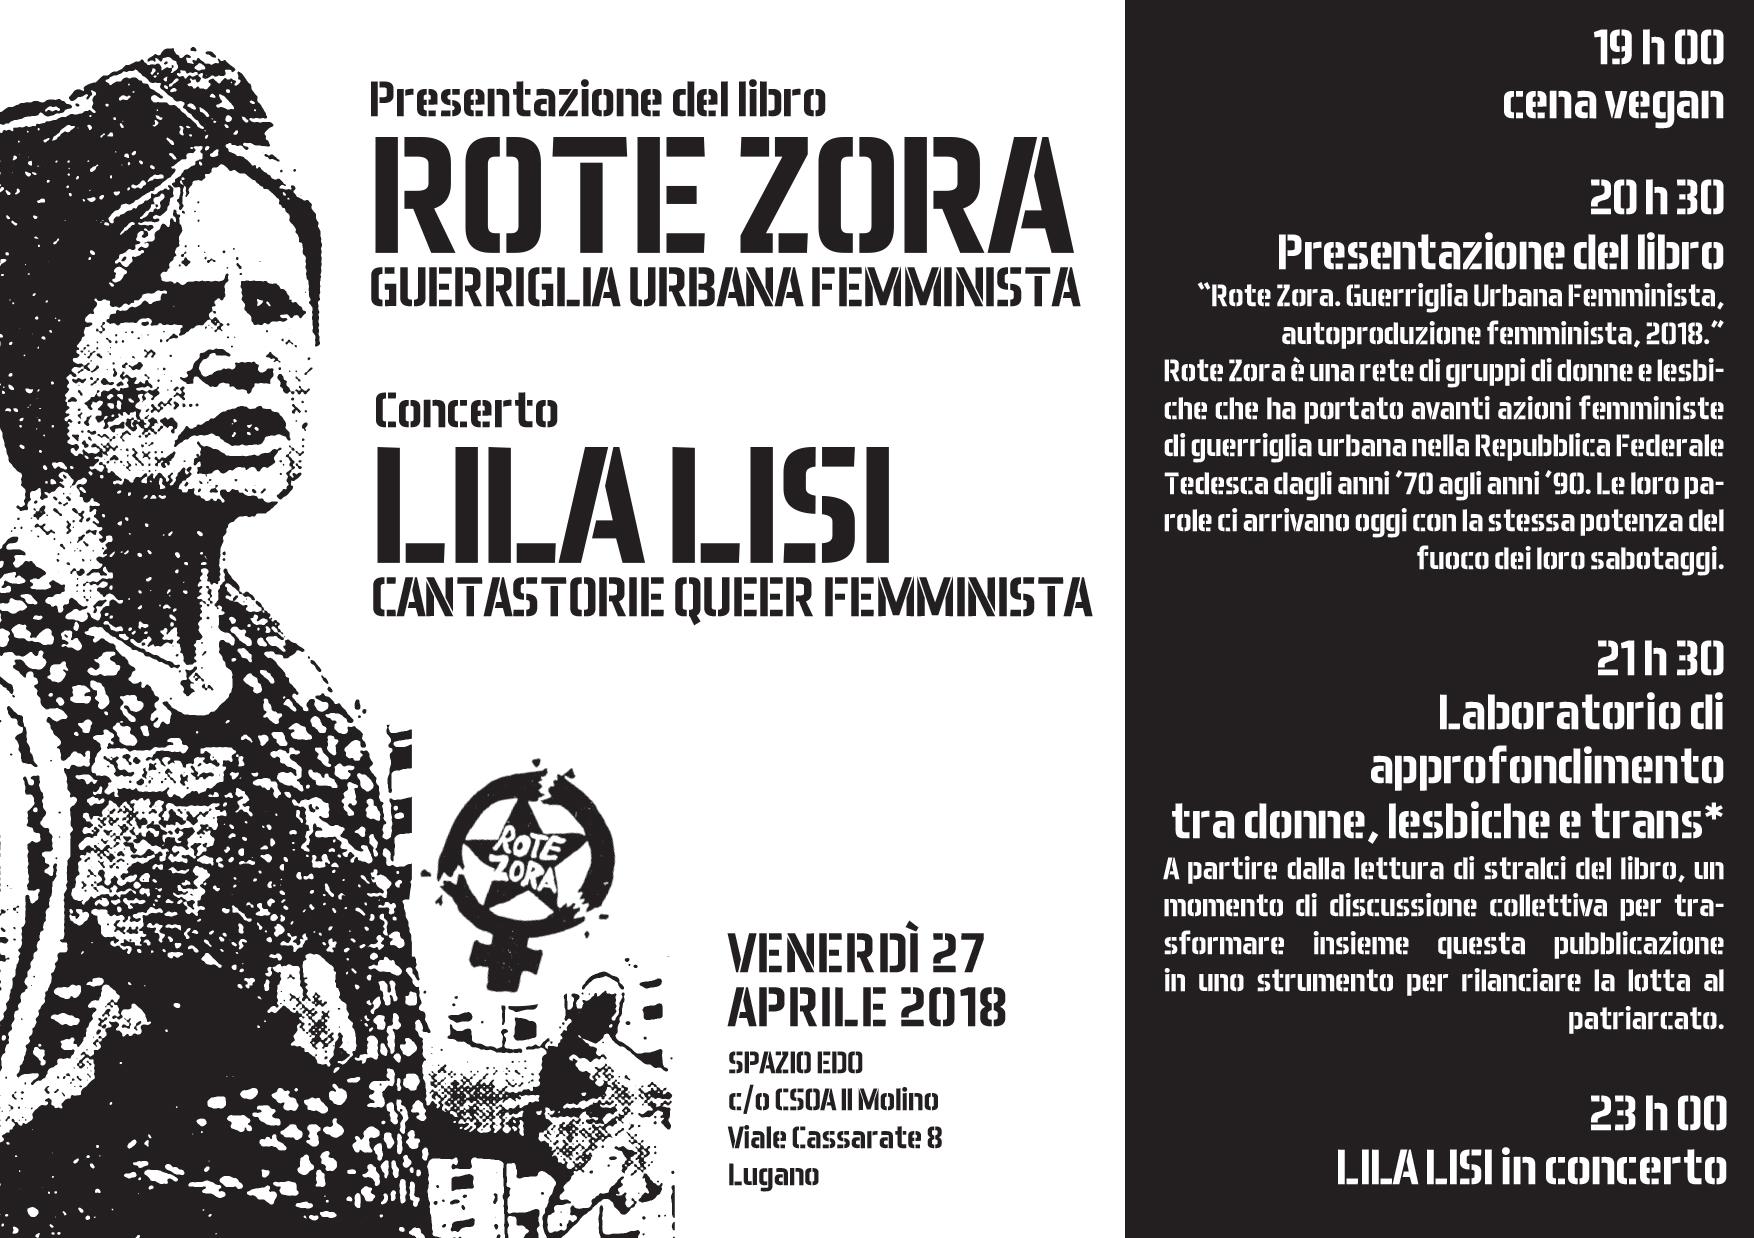 27.04.2018 - Presentazione libro Rote Zora - Guerriglia Urbana Femminista + Laboratorio di approfondimento tra donne, lesbiche e trans* 1